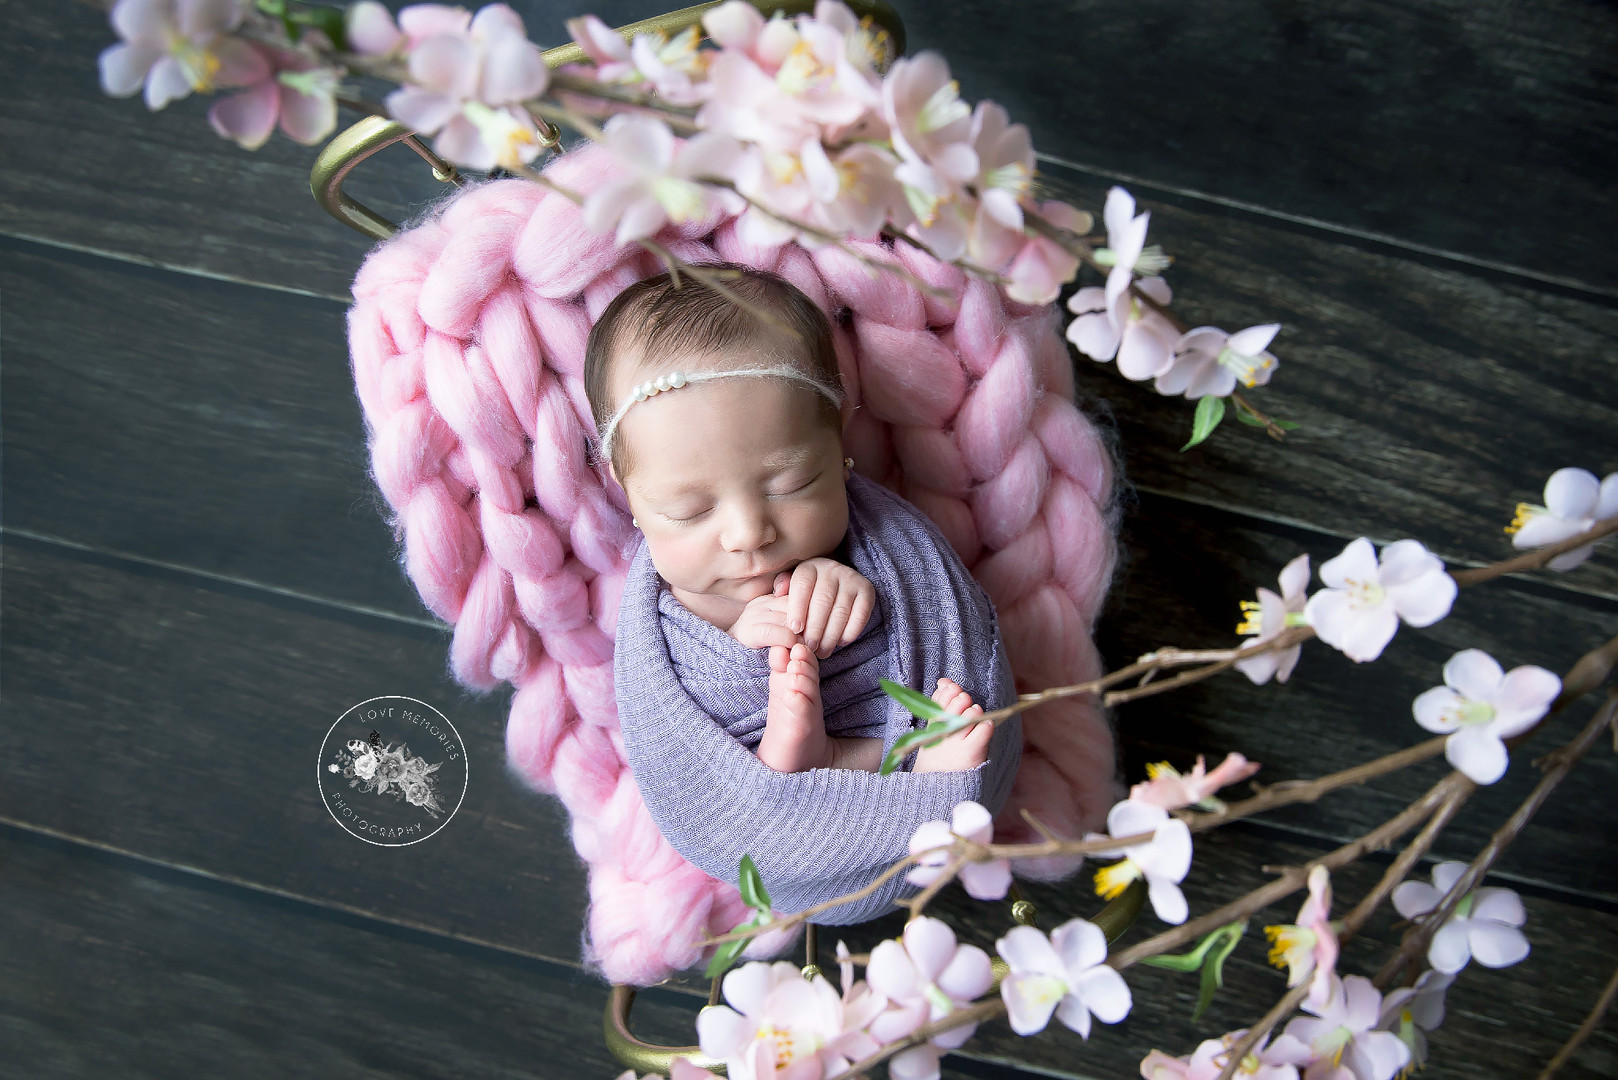 newborn metepec toluca